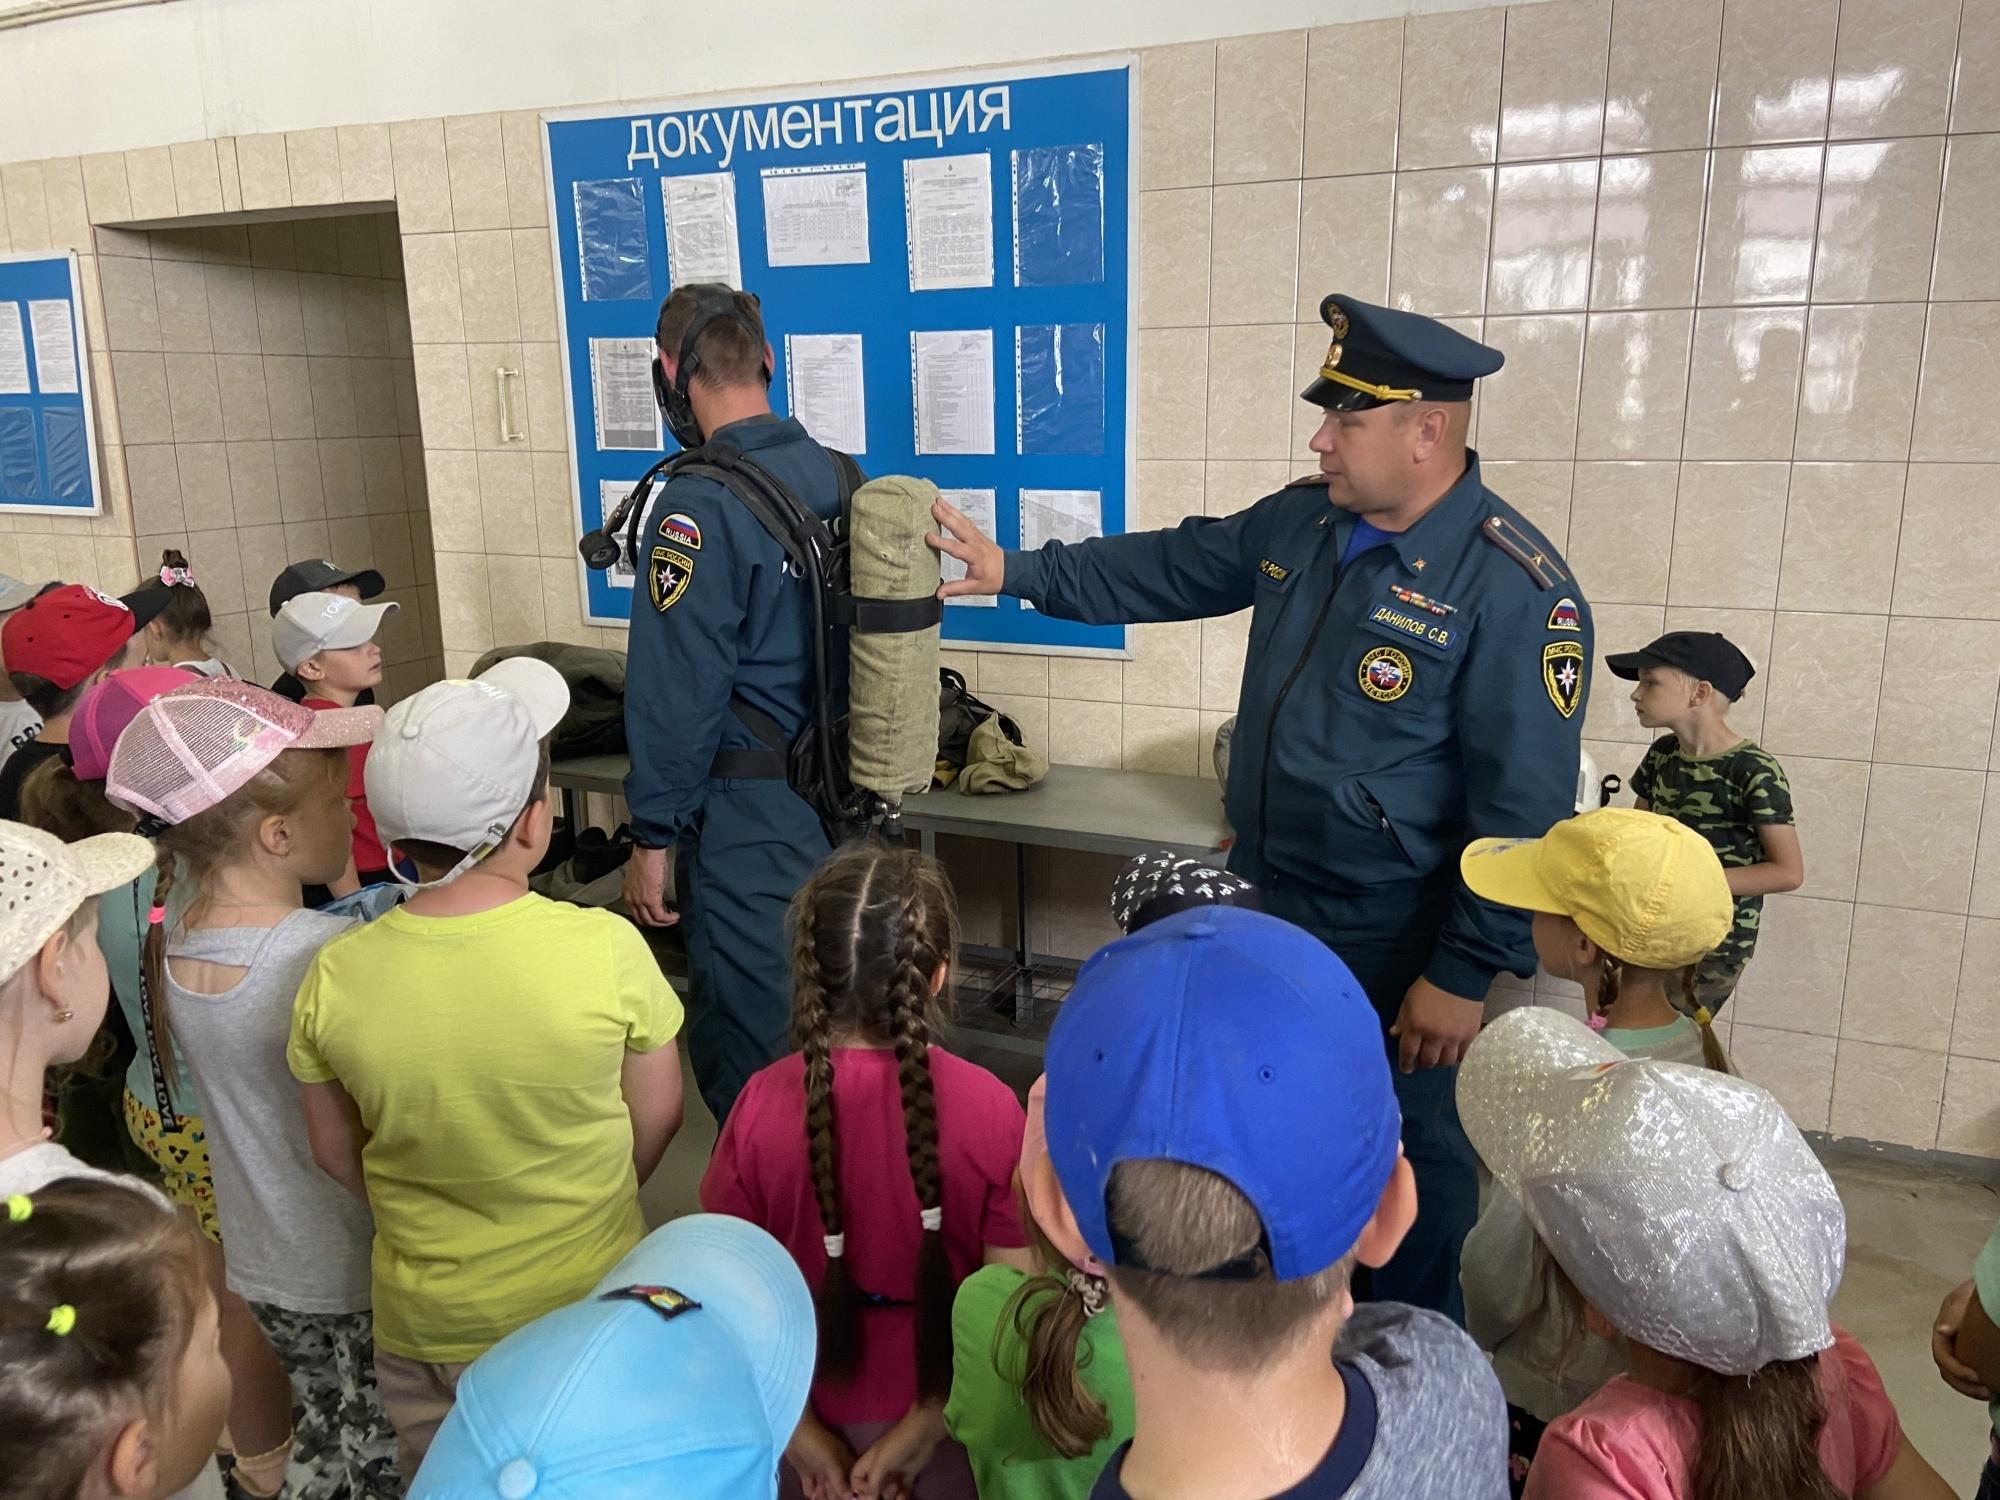 Детям рассказали о деятельности МЧС в рамках экскурсии по пожарно-спасательной части